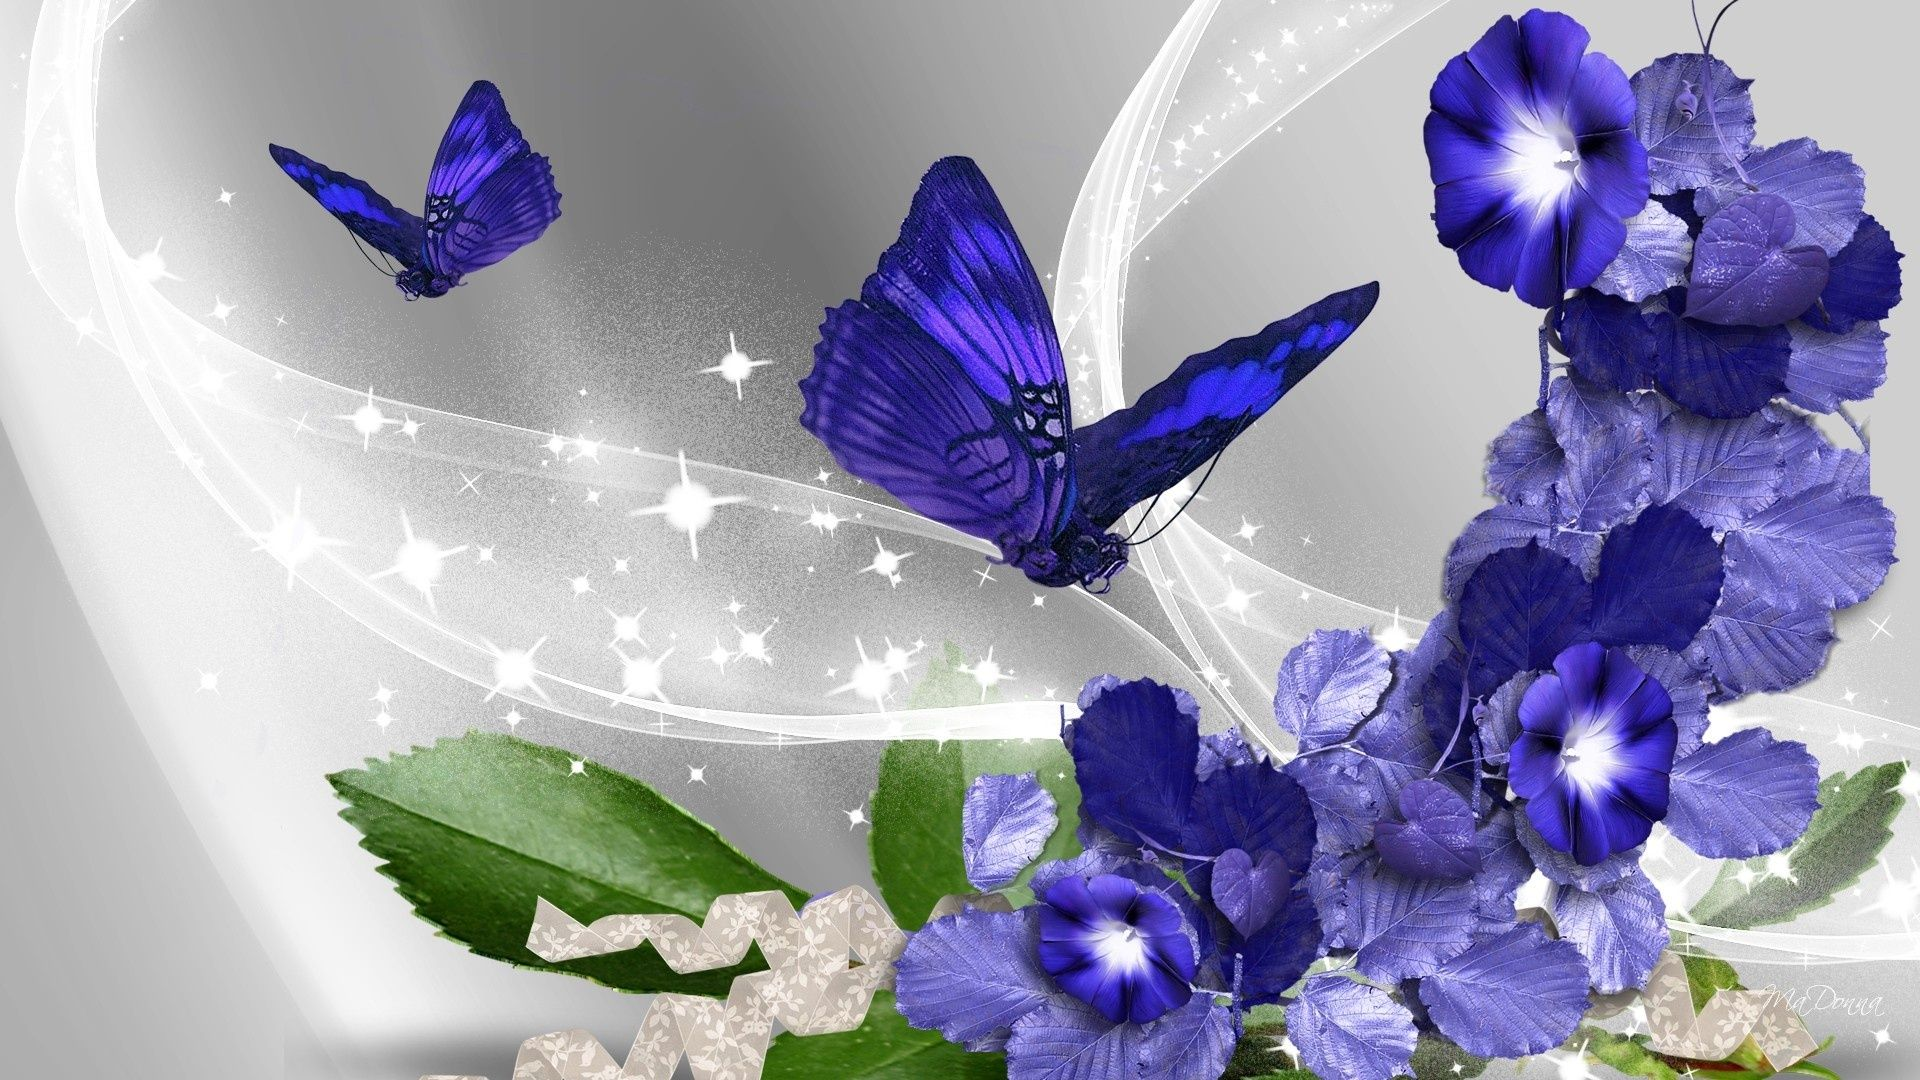 beautiful butterfly hd desktop - photo #26